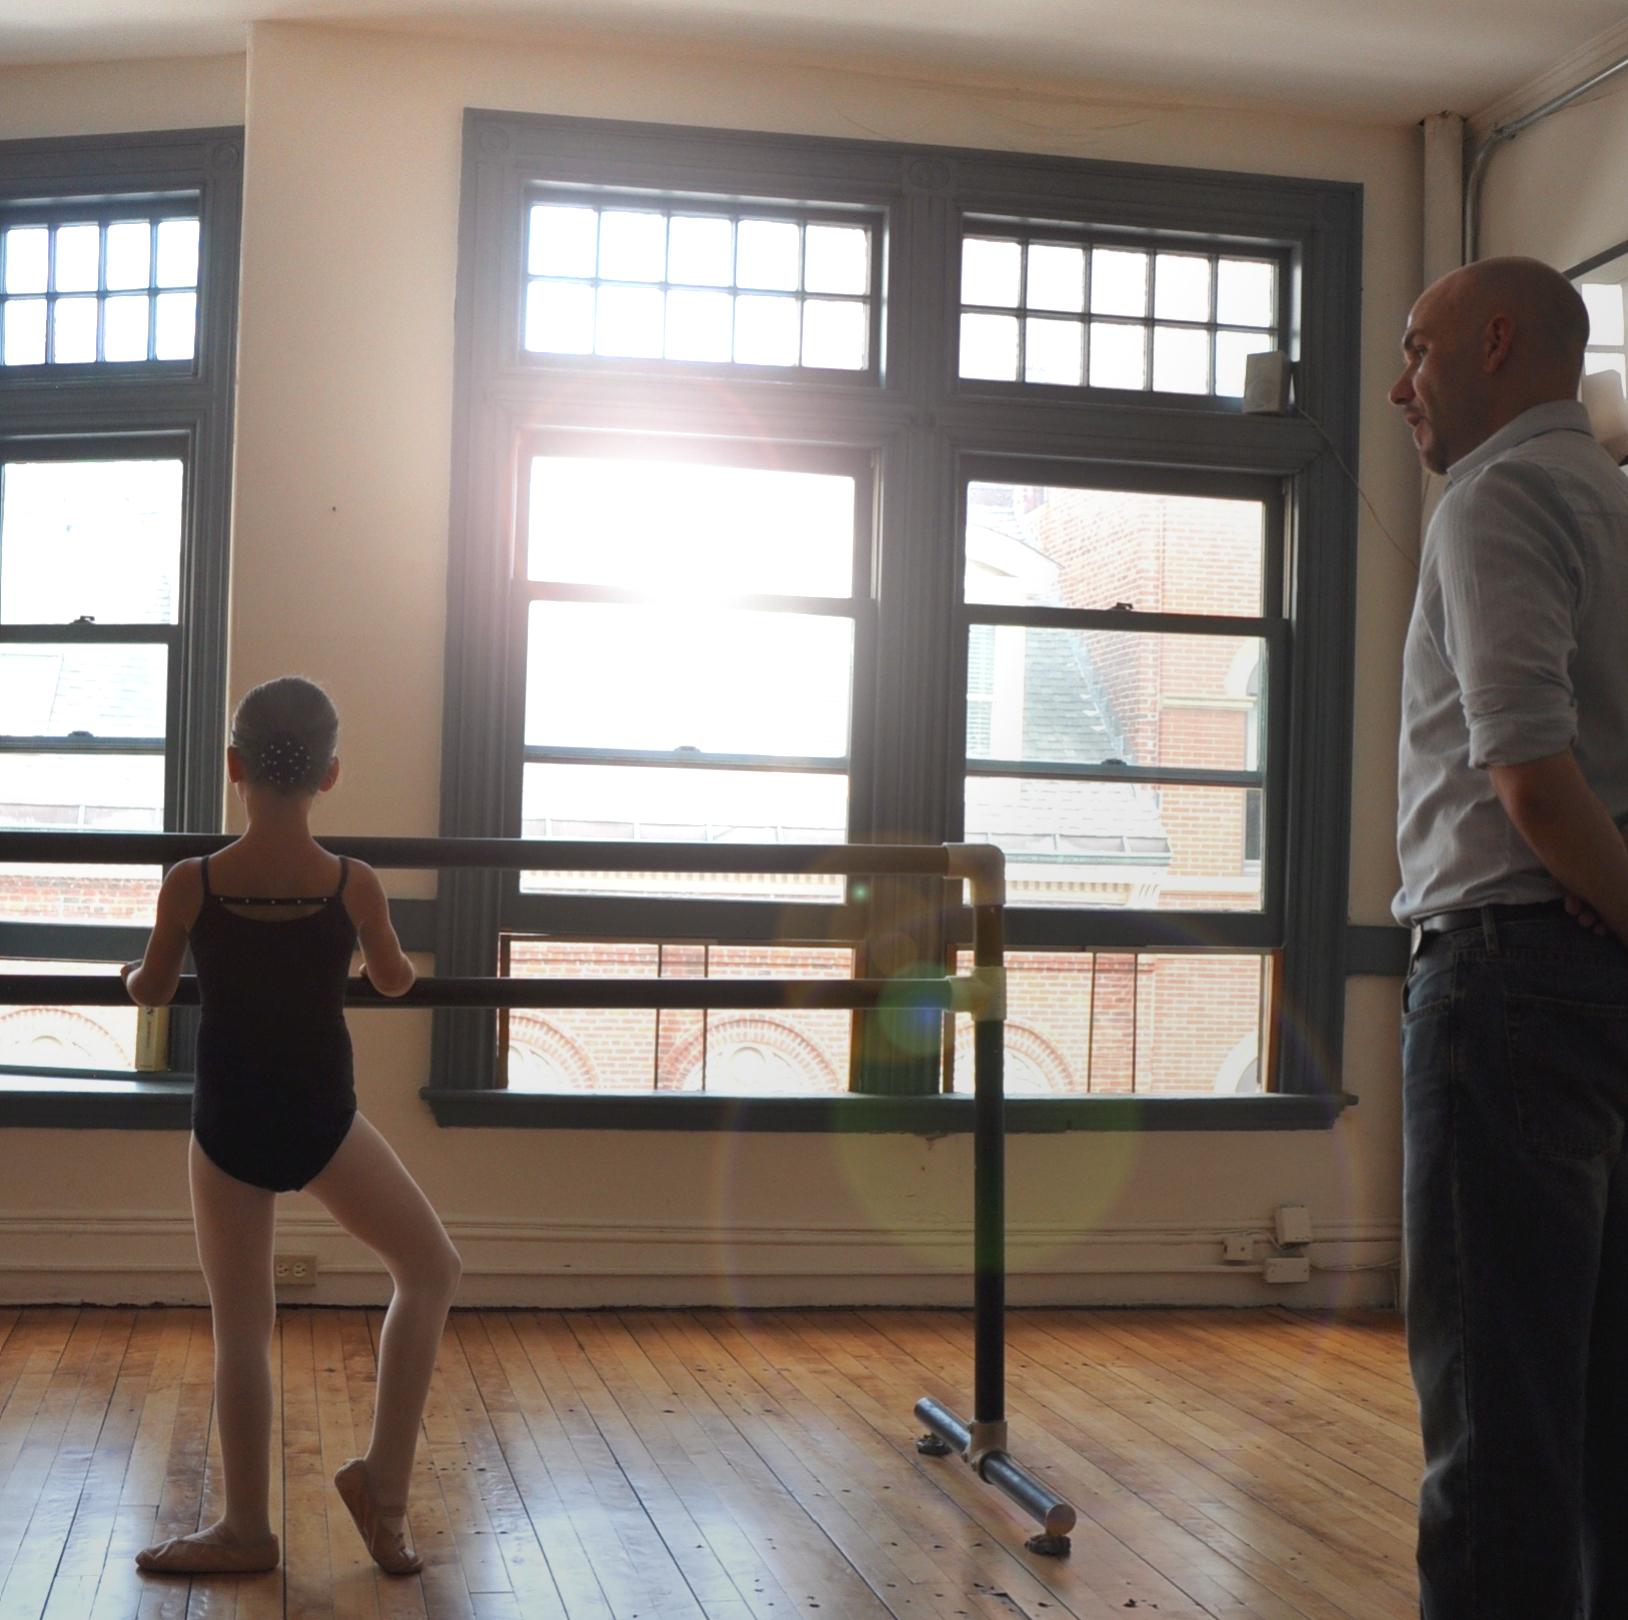 exchange street studio home of apollonian ballet